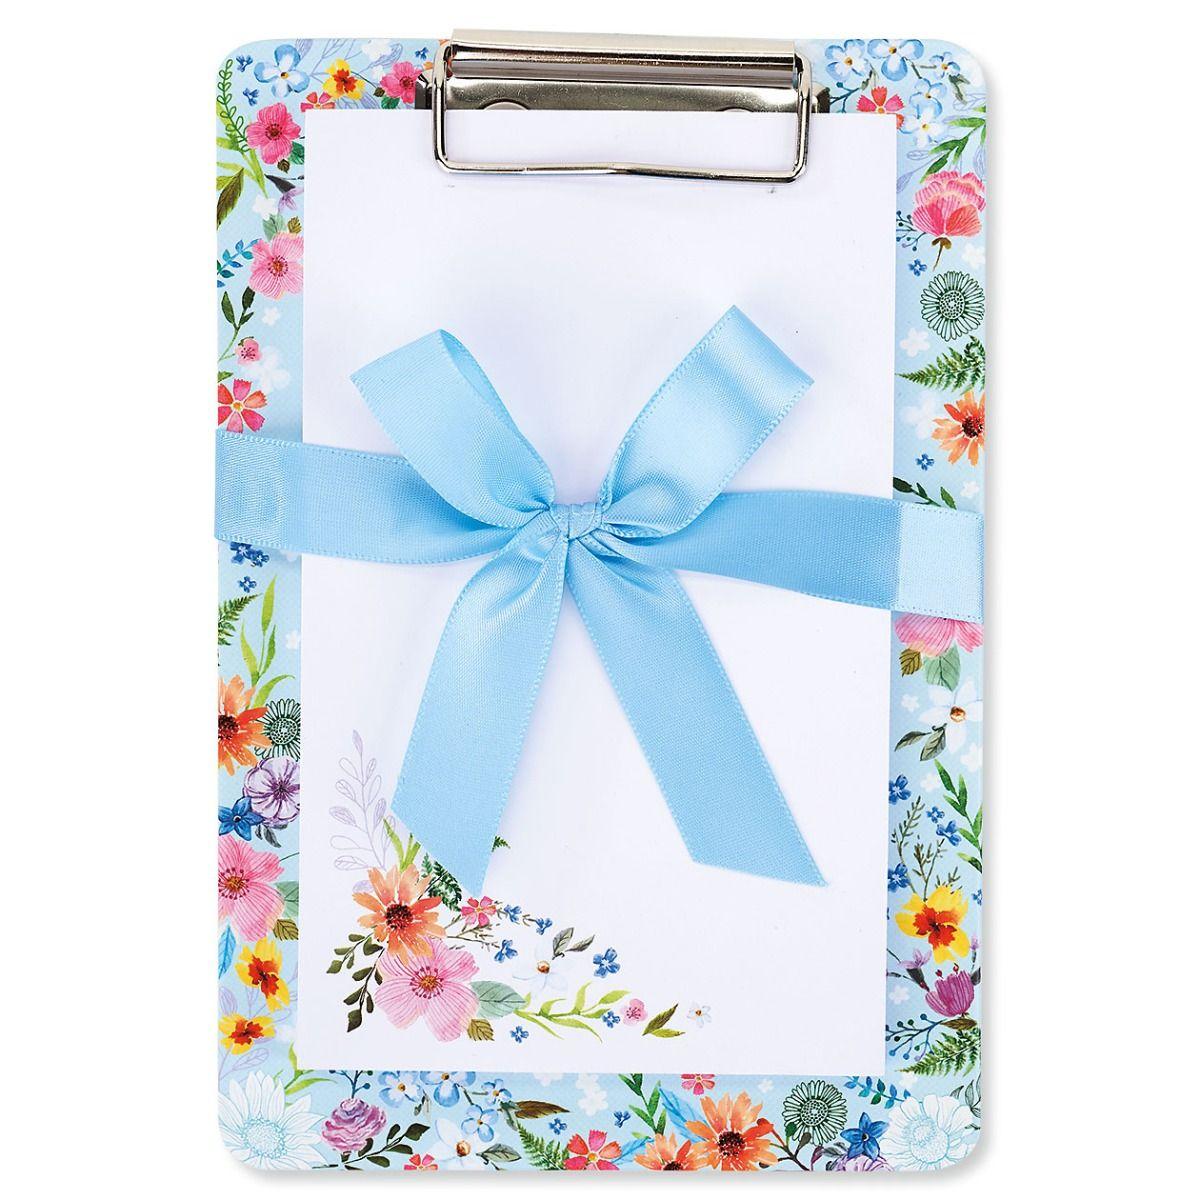 Floral/Blue Notepad & Clipboard Gift Set - BOGO